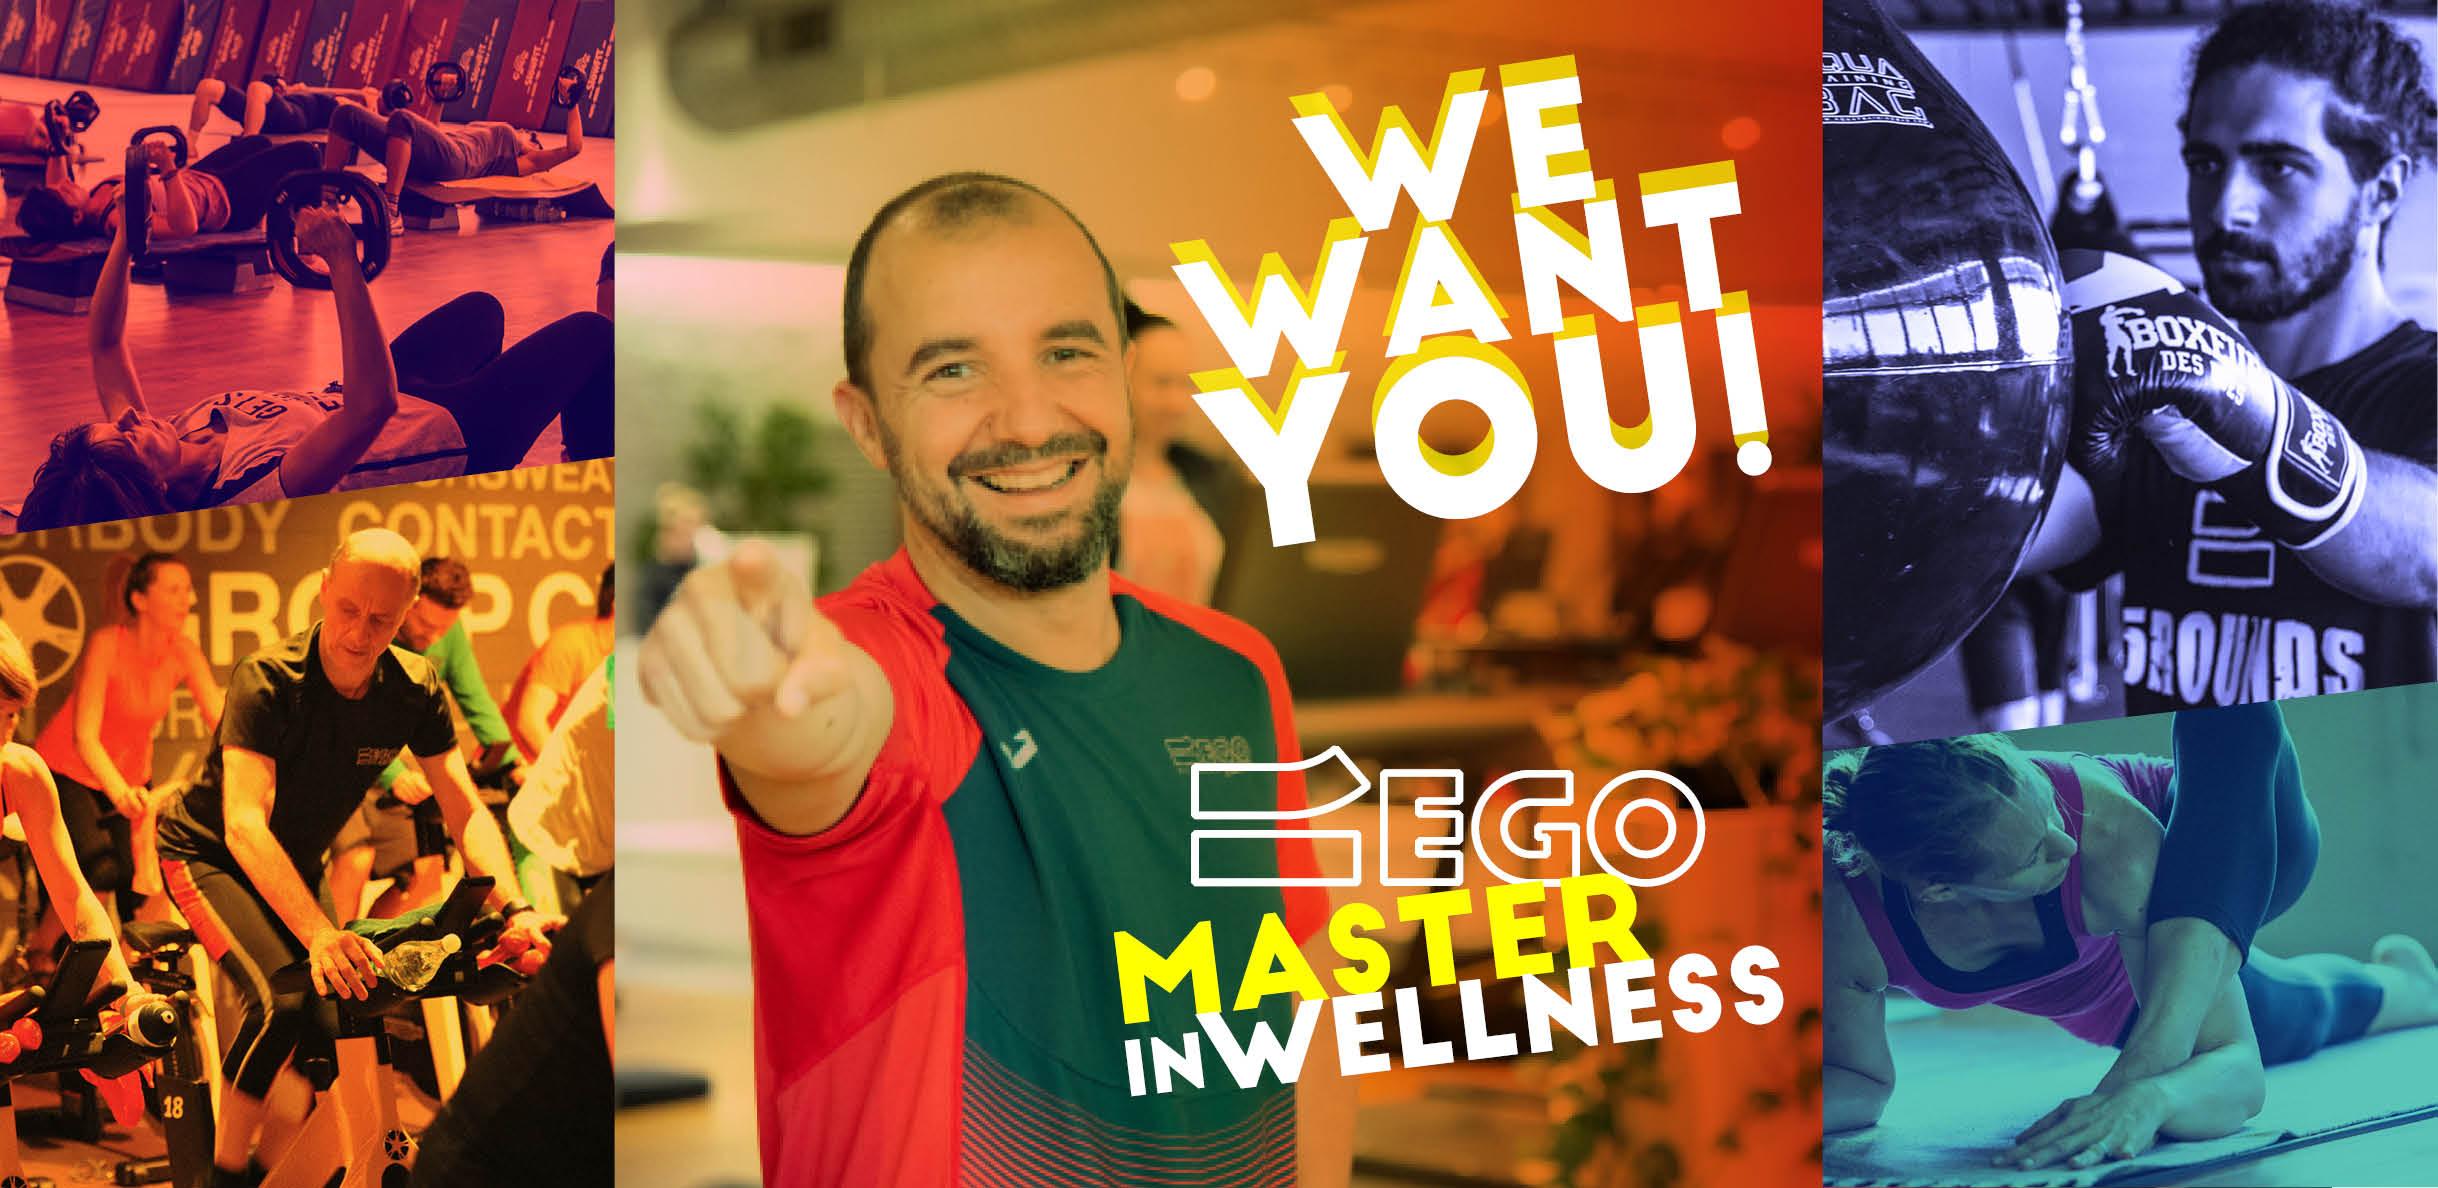 We want you - Una percorso di selezione formazione per fitness coach